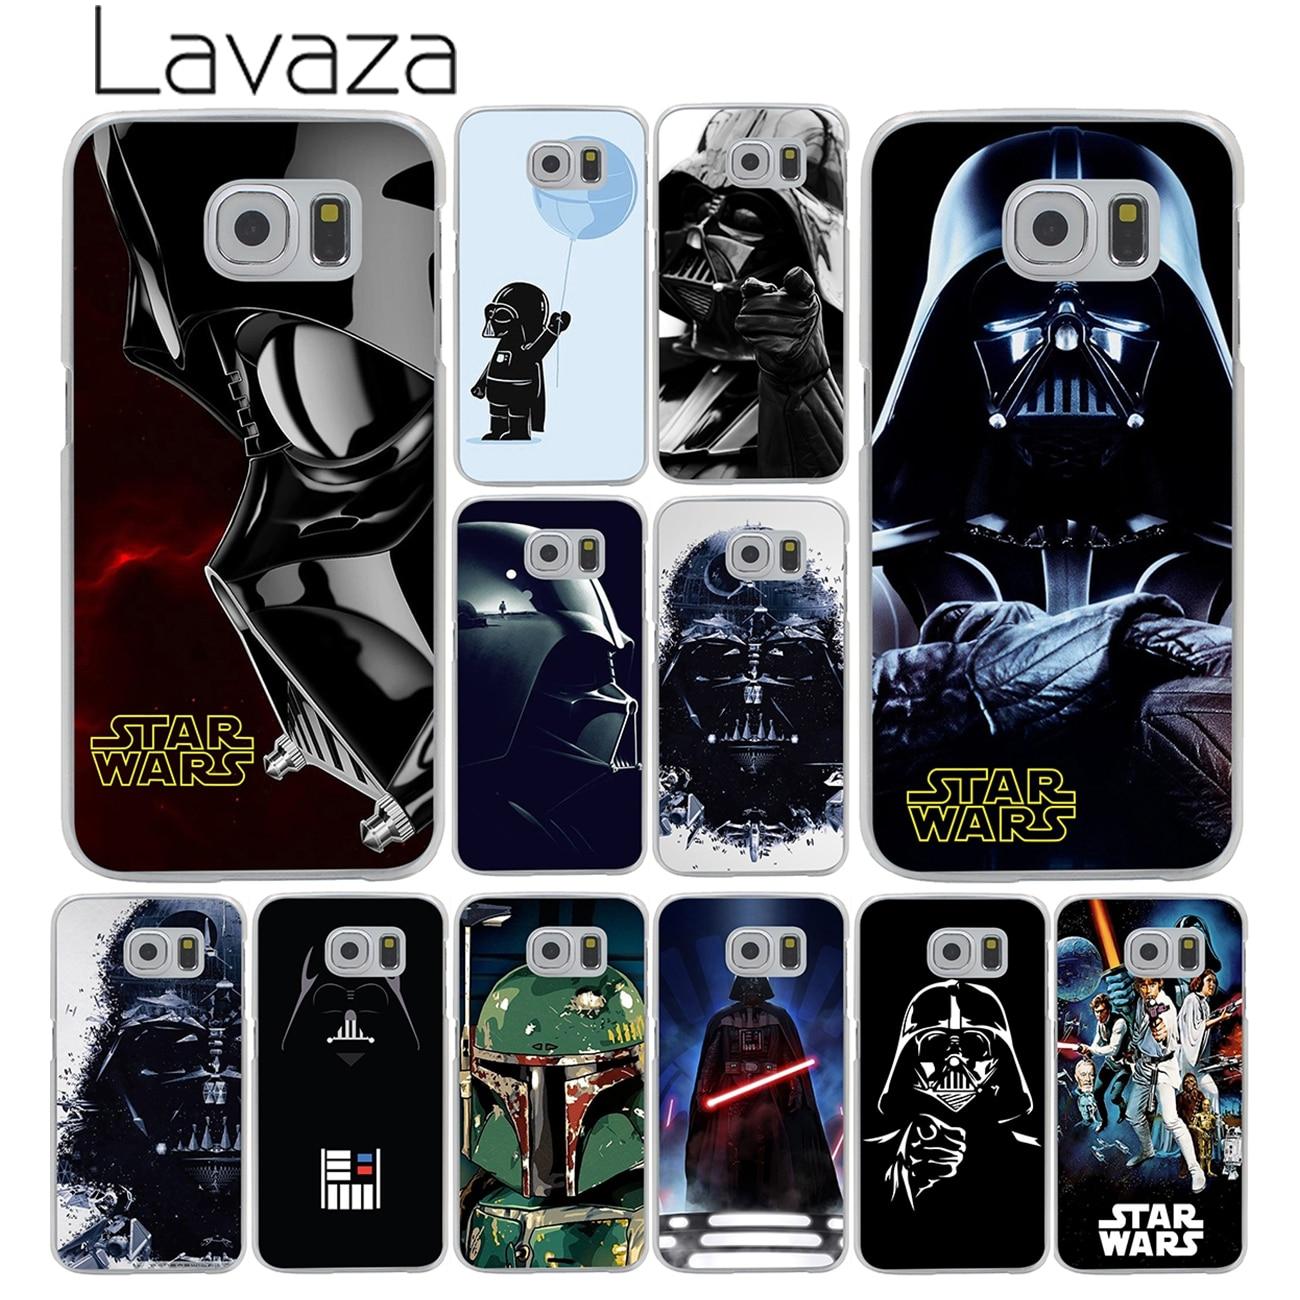 Lavaza Darth vader Star wars Child in the brain Phone Cover Case for Samsung Galaxy S7 S6 Edge S3 S4 S5 & Mini S8 S9 Plus Case